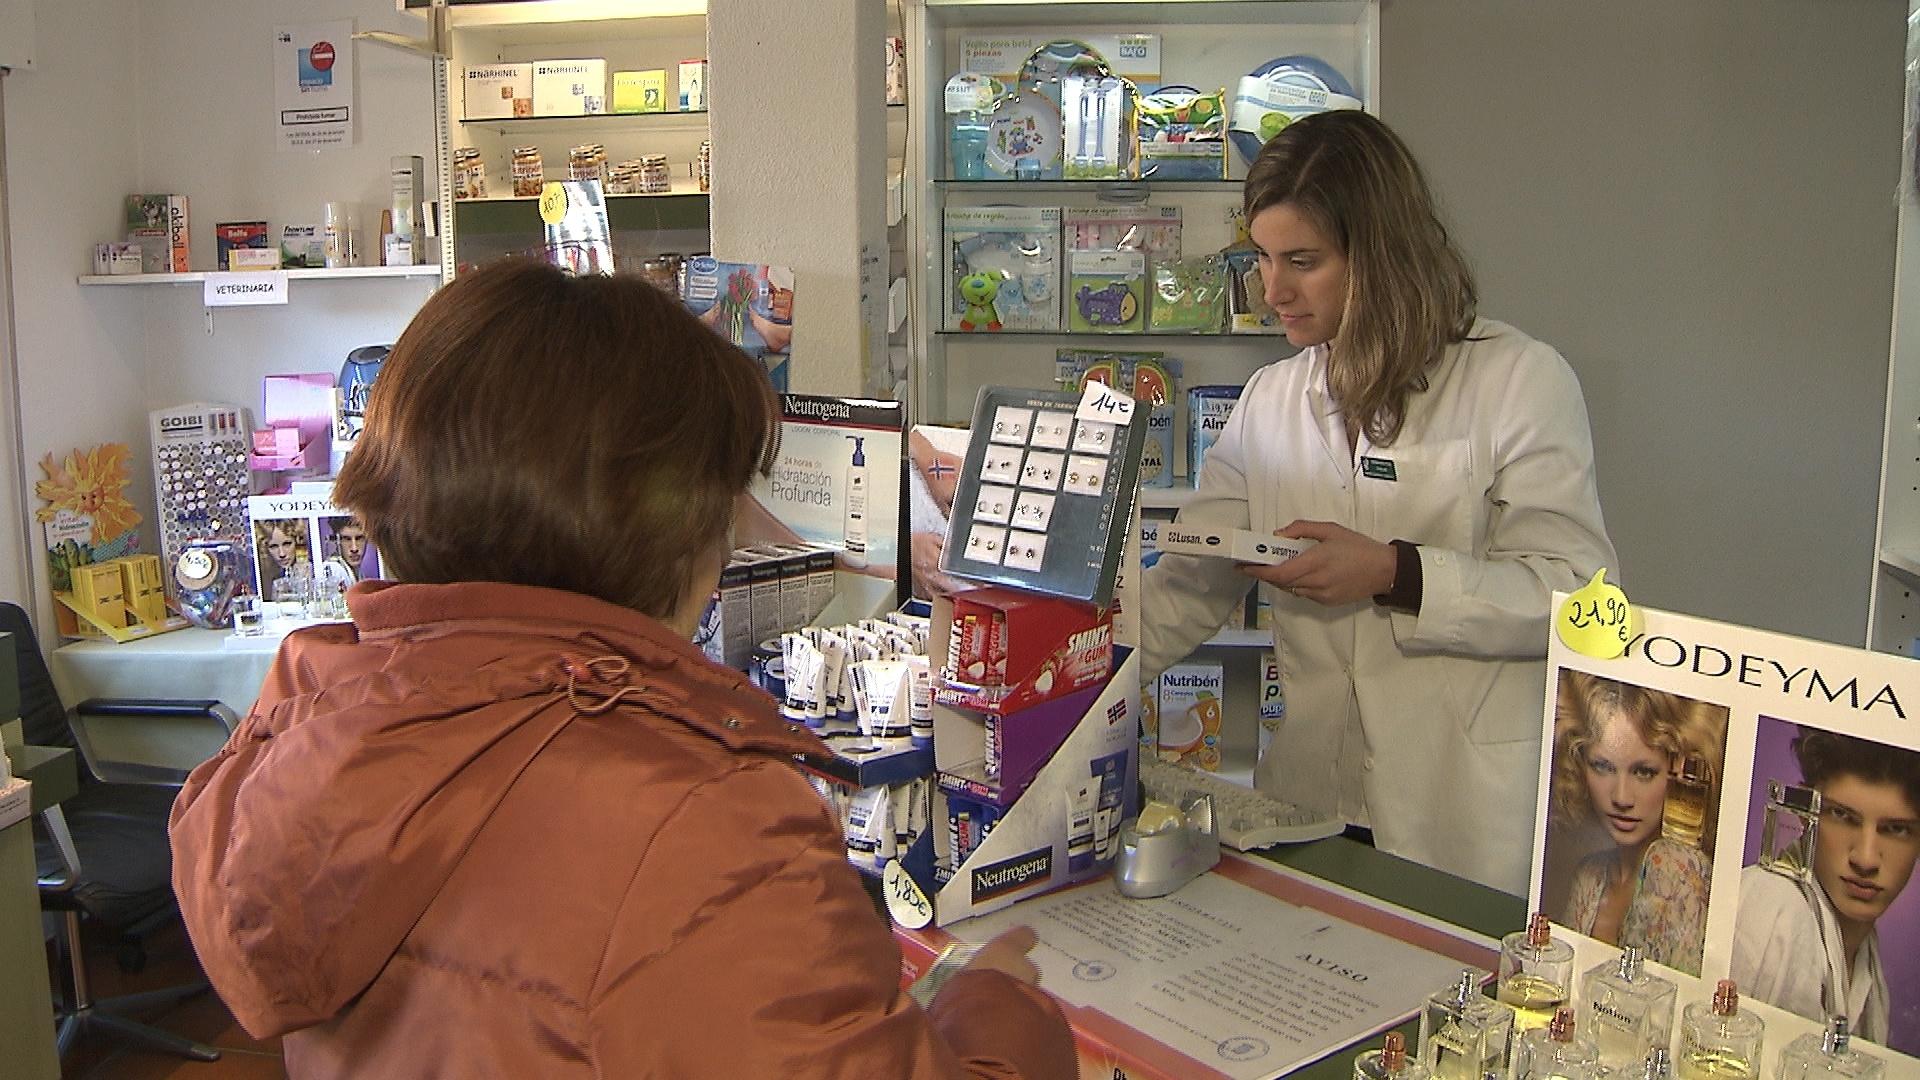 Baleares es la región con mayor gasto farmacéutico privado por habitante (195,7€) y con el menor gasto público (164€)